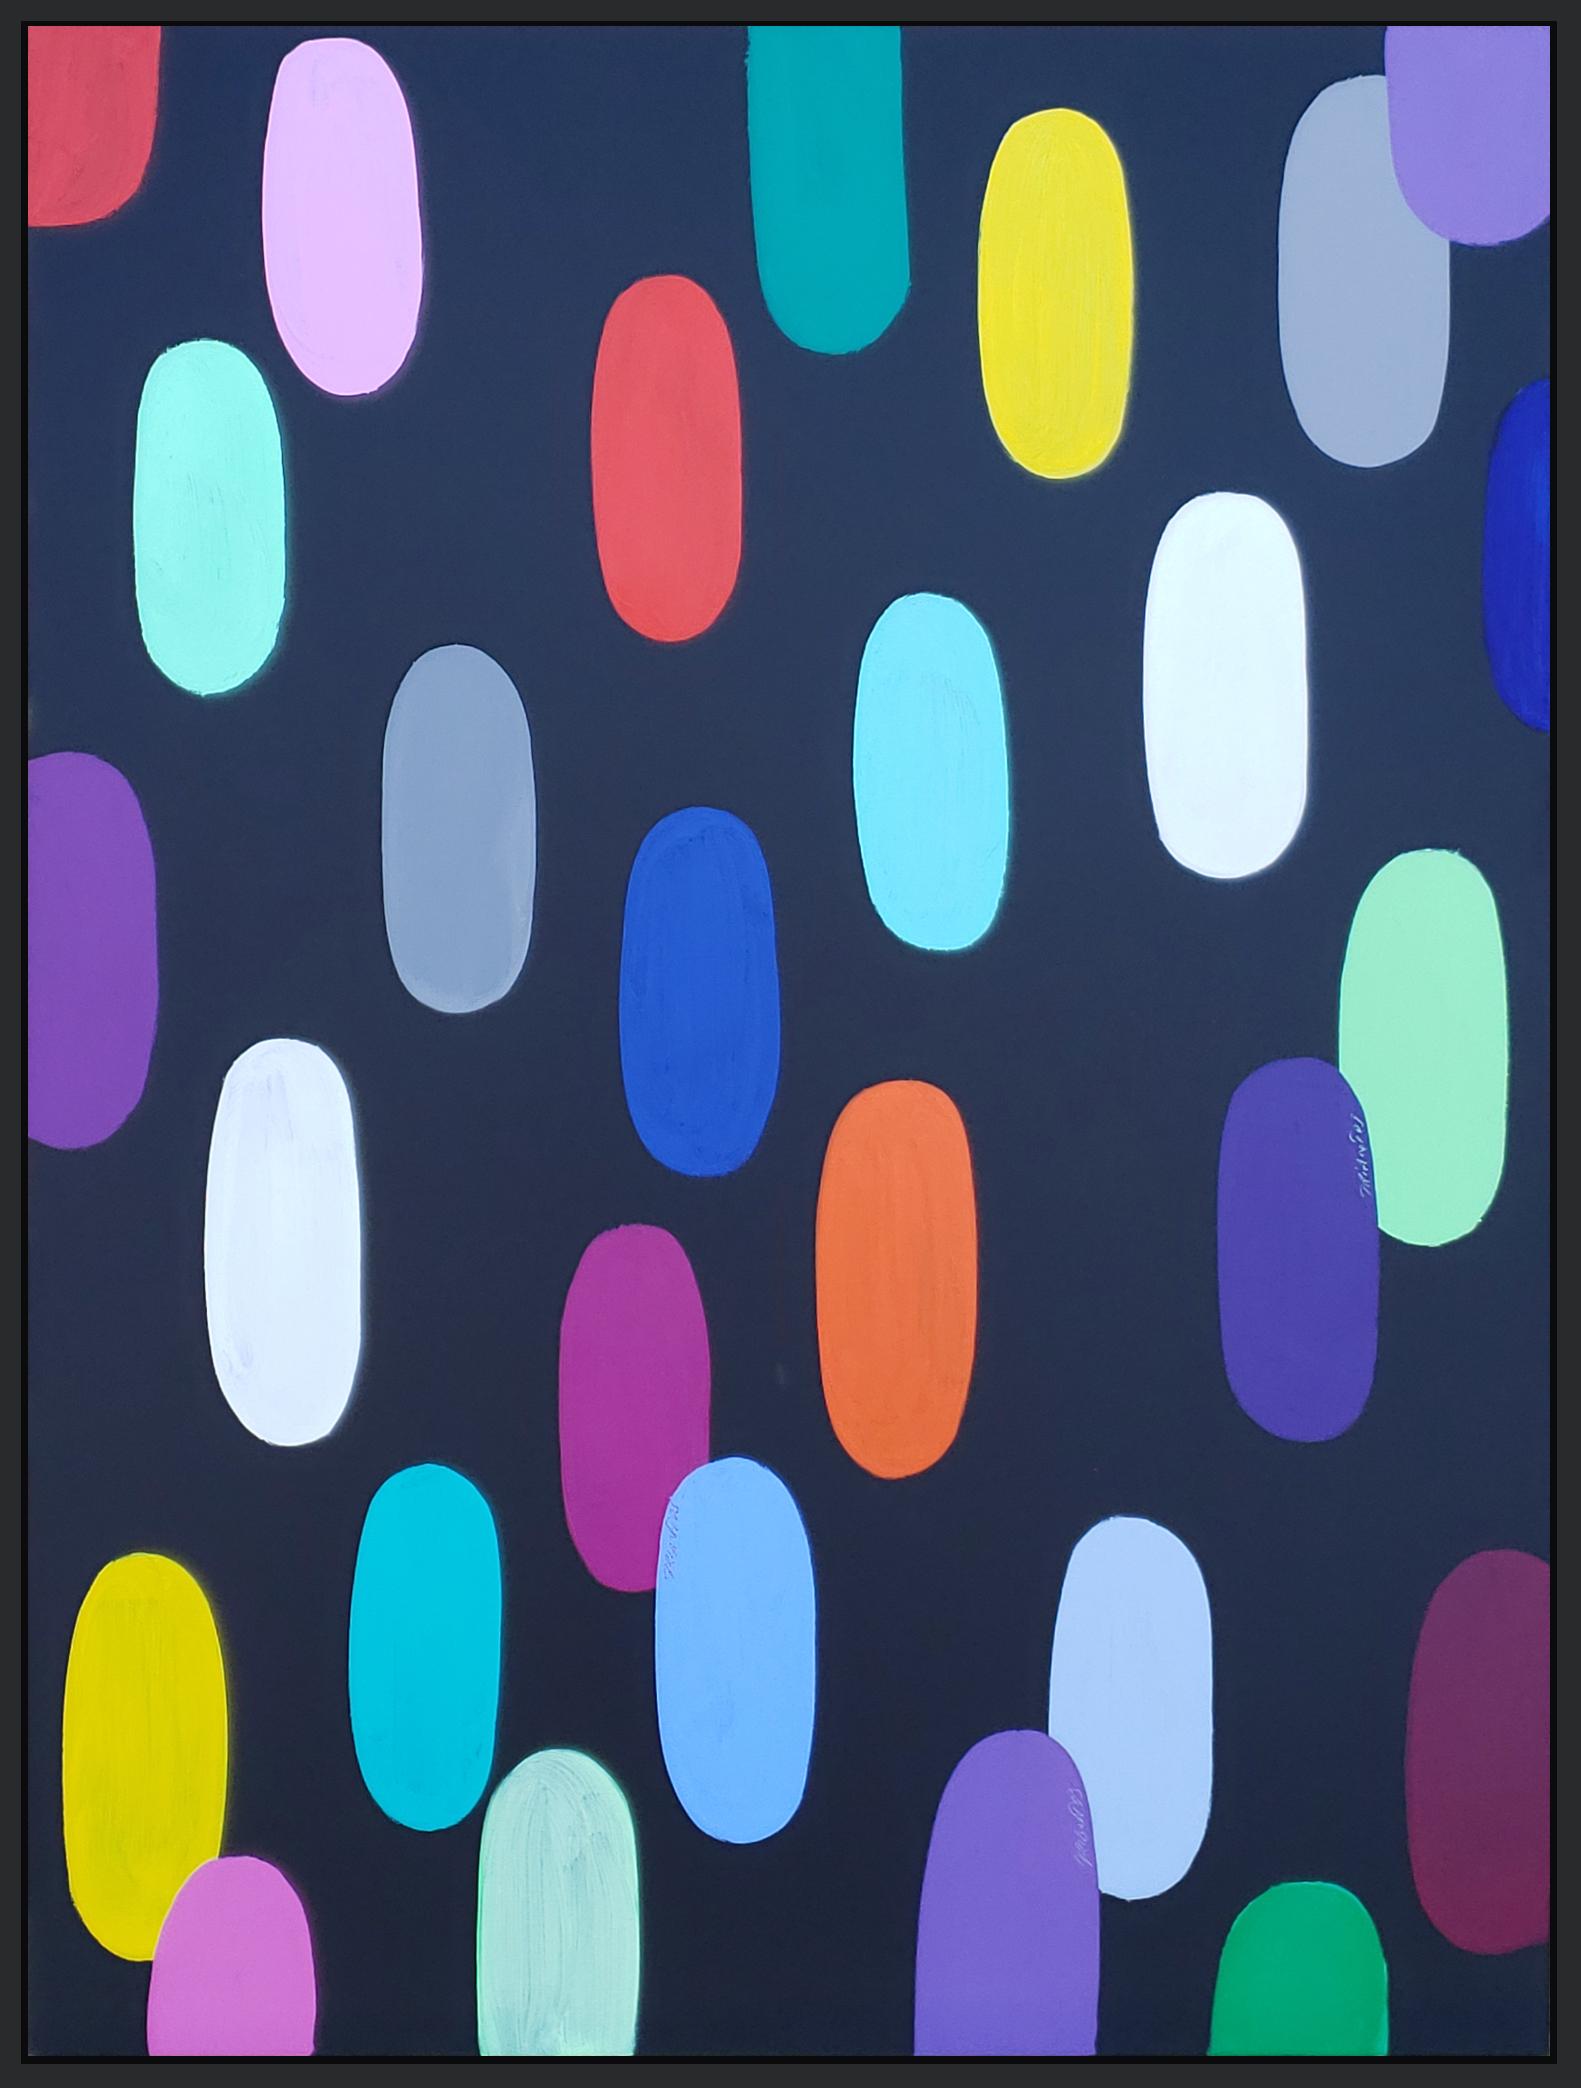 """Jelly Bean #70, 2019, acrylic on canvas, 48"""" x 36"""" (122 x 91.4cm)"""